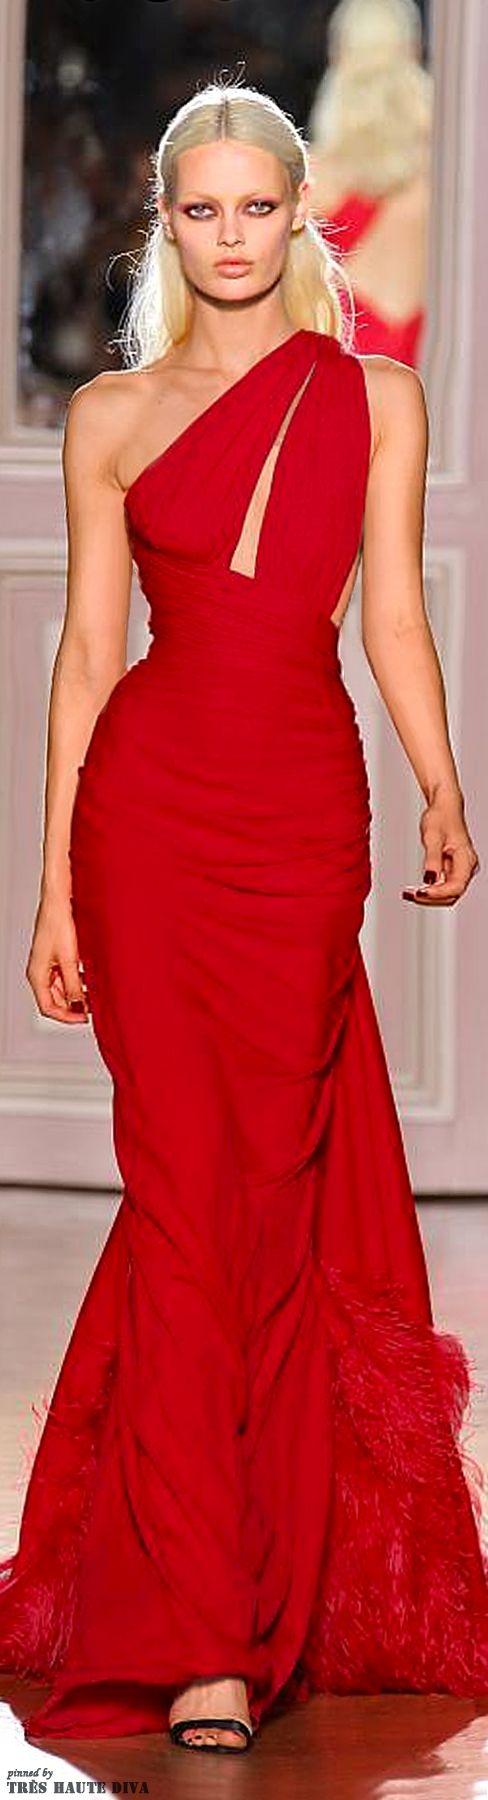 ::::ﷺ♔❥♡ ♤✤❦♡  ✿⊱╮☼ ☾ PINTEREST.COM christiancross ☀ قطـﮧ ⁂ ⦿ ⥾ ⦿ ⁂  ❤❥◐ •♥•*⦿[†] :::: Couture Red Glamour Gown, this must make my wedding gown!!